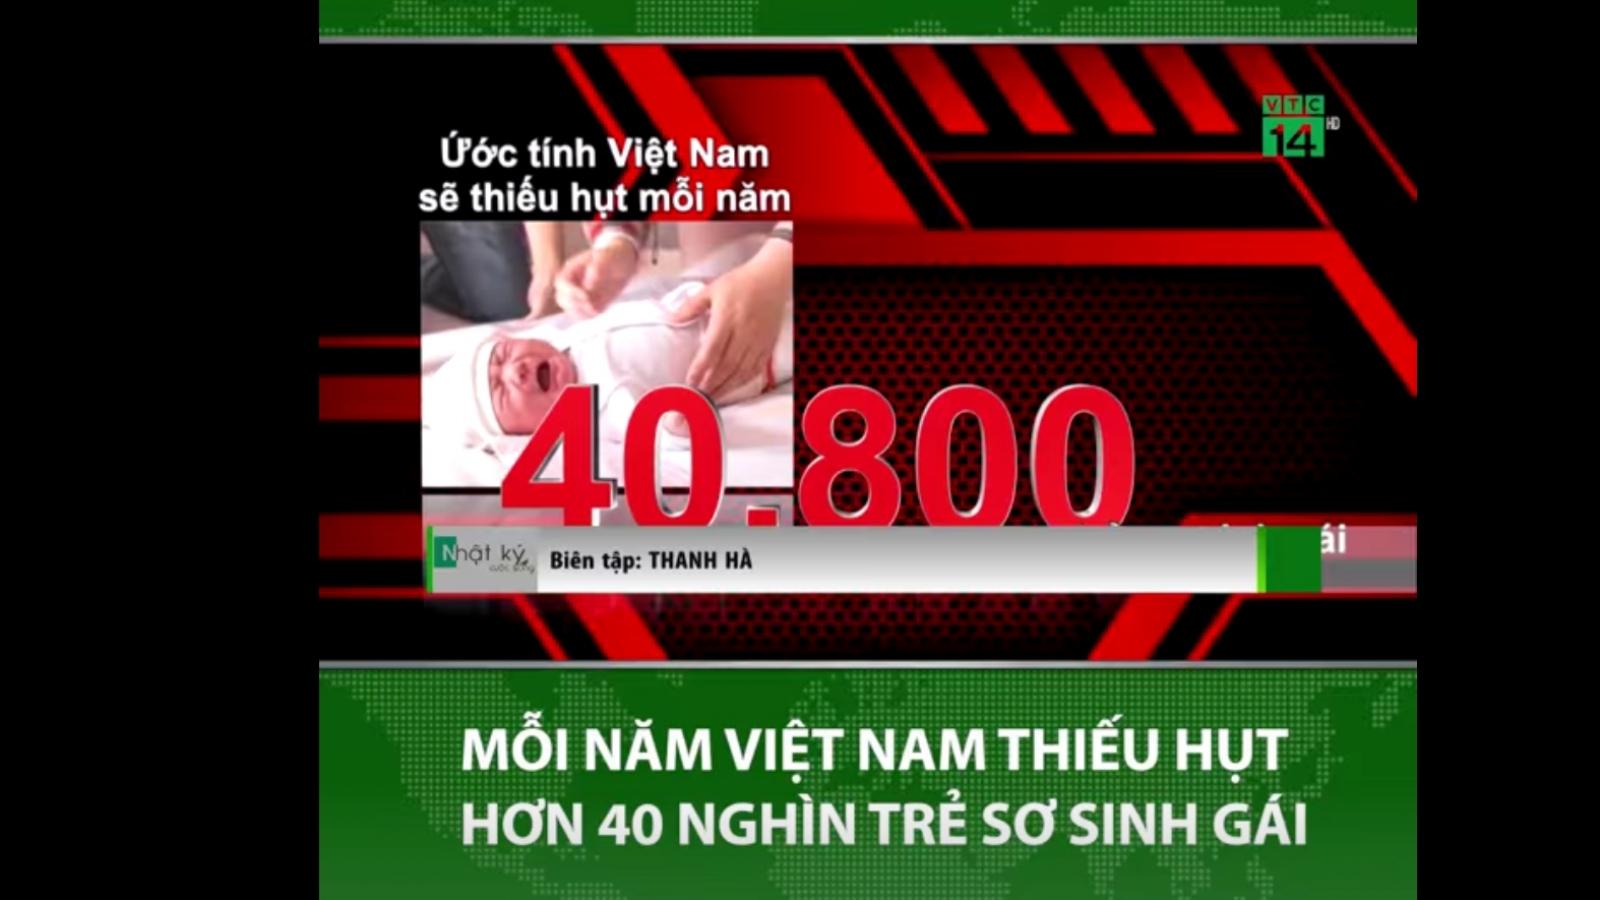 Việt Nam sẽ thiếu hụt hơn 40.000 trẻ sơ sinh gái mỗi năm